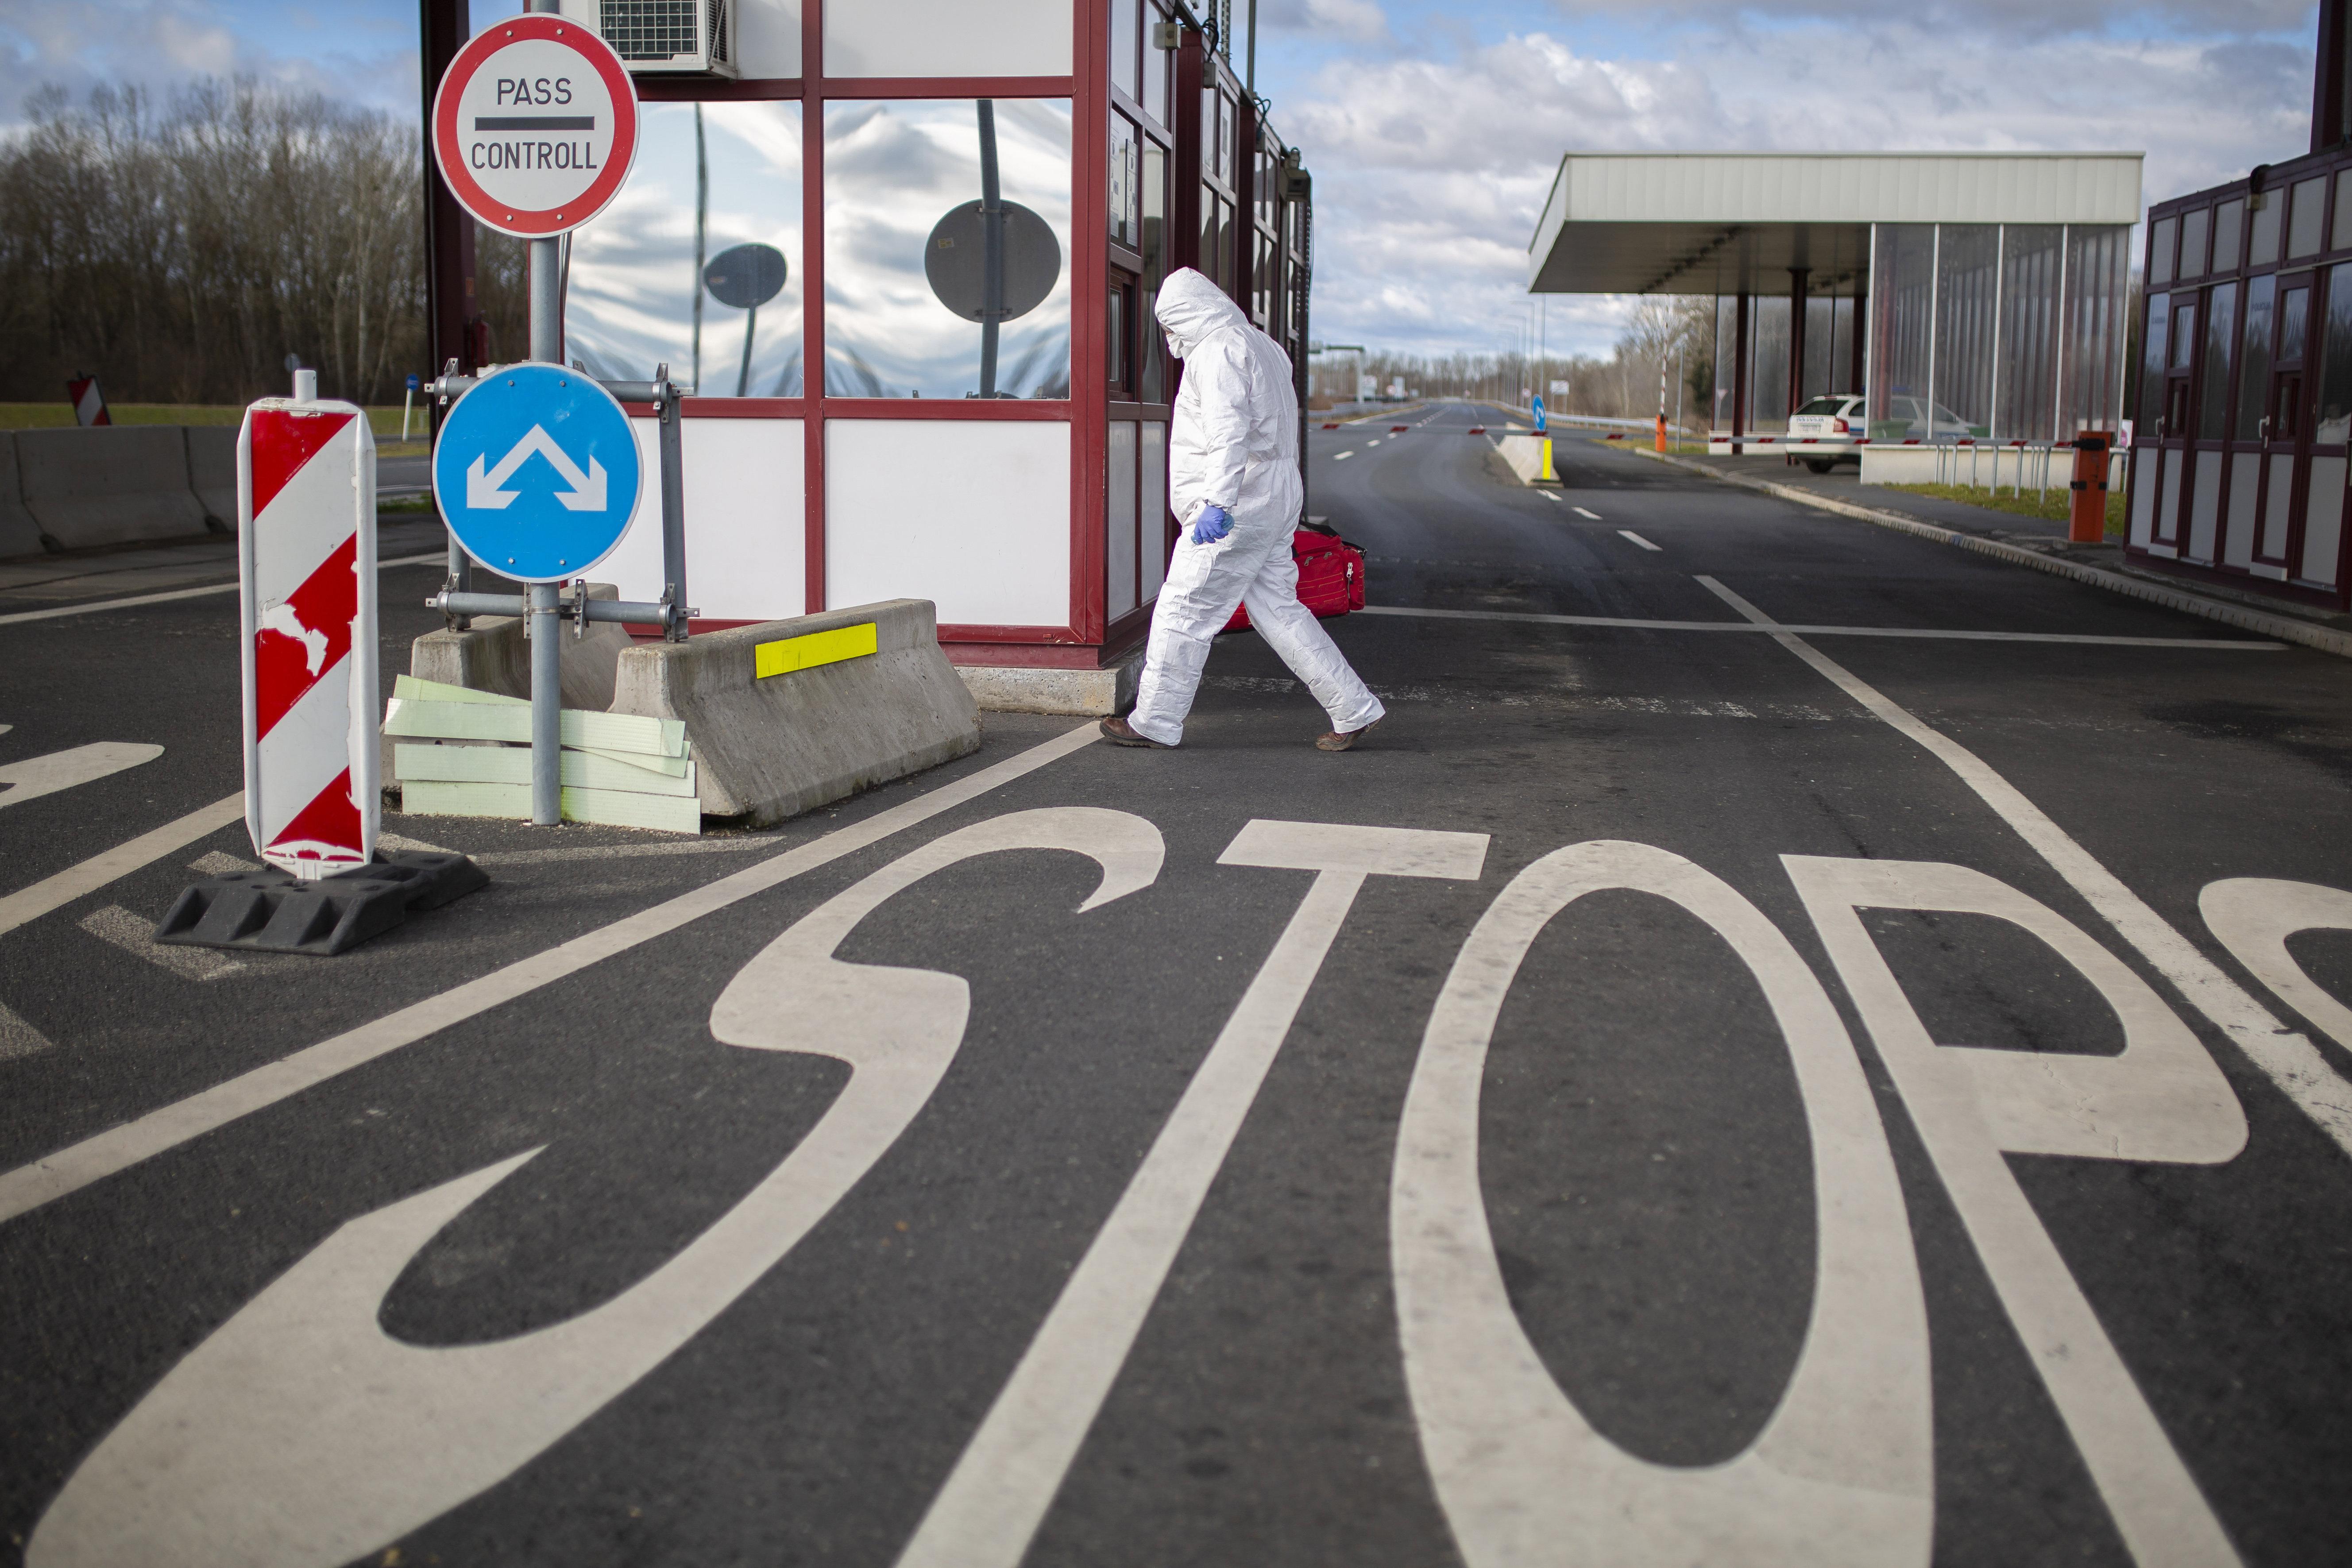 Coronavirus: Ungarische-rumänische Grenze wird für Pendler wieder geöffnet post's picture